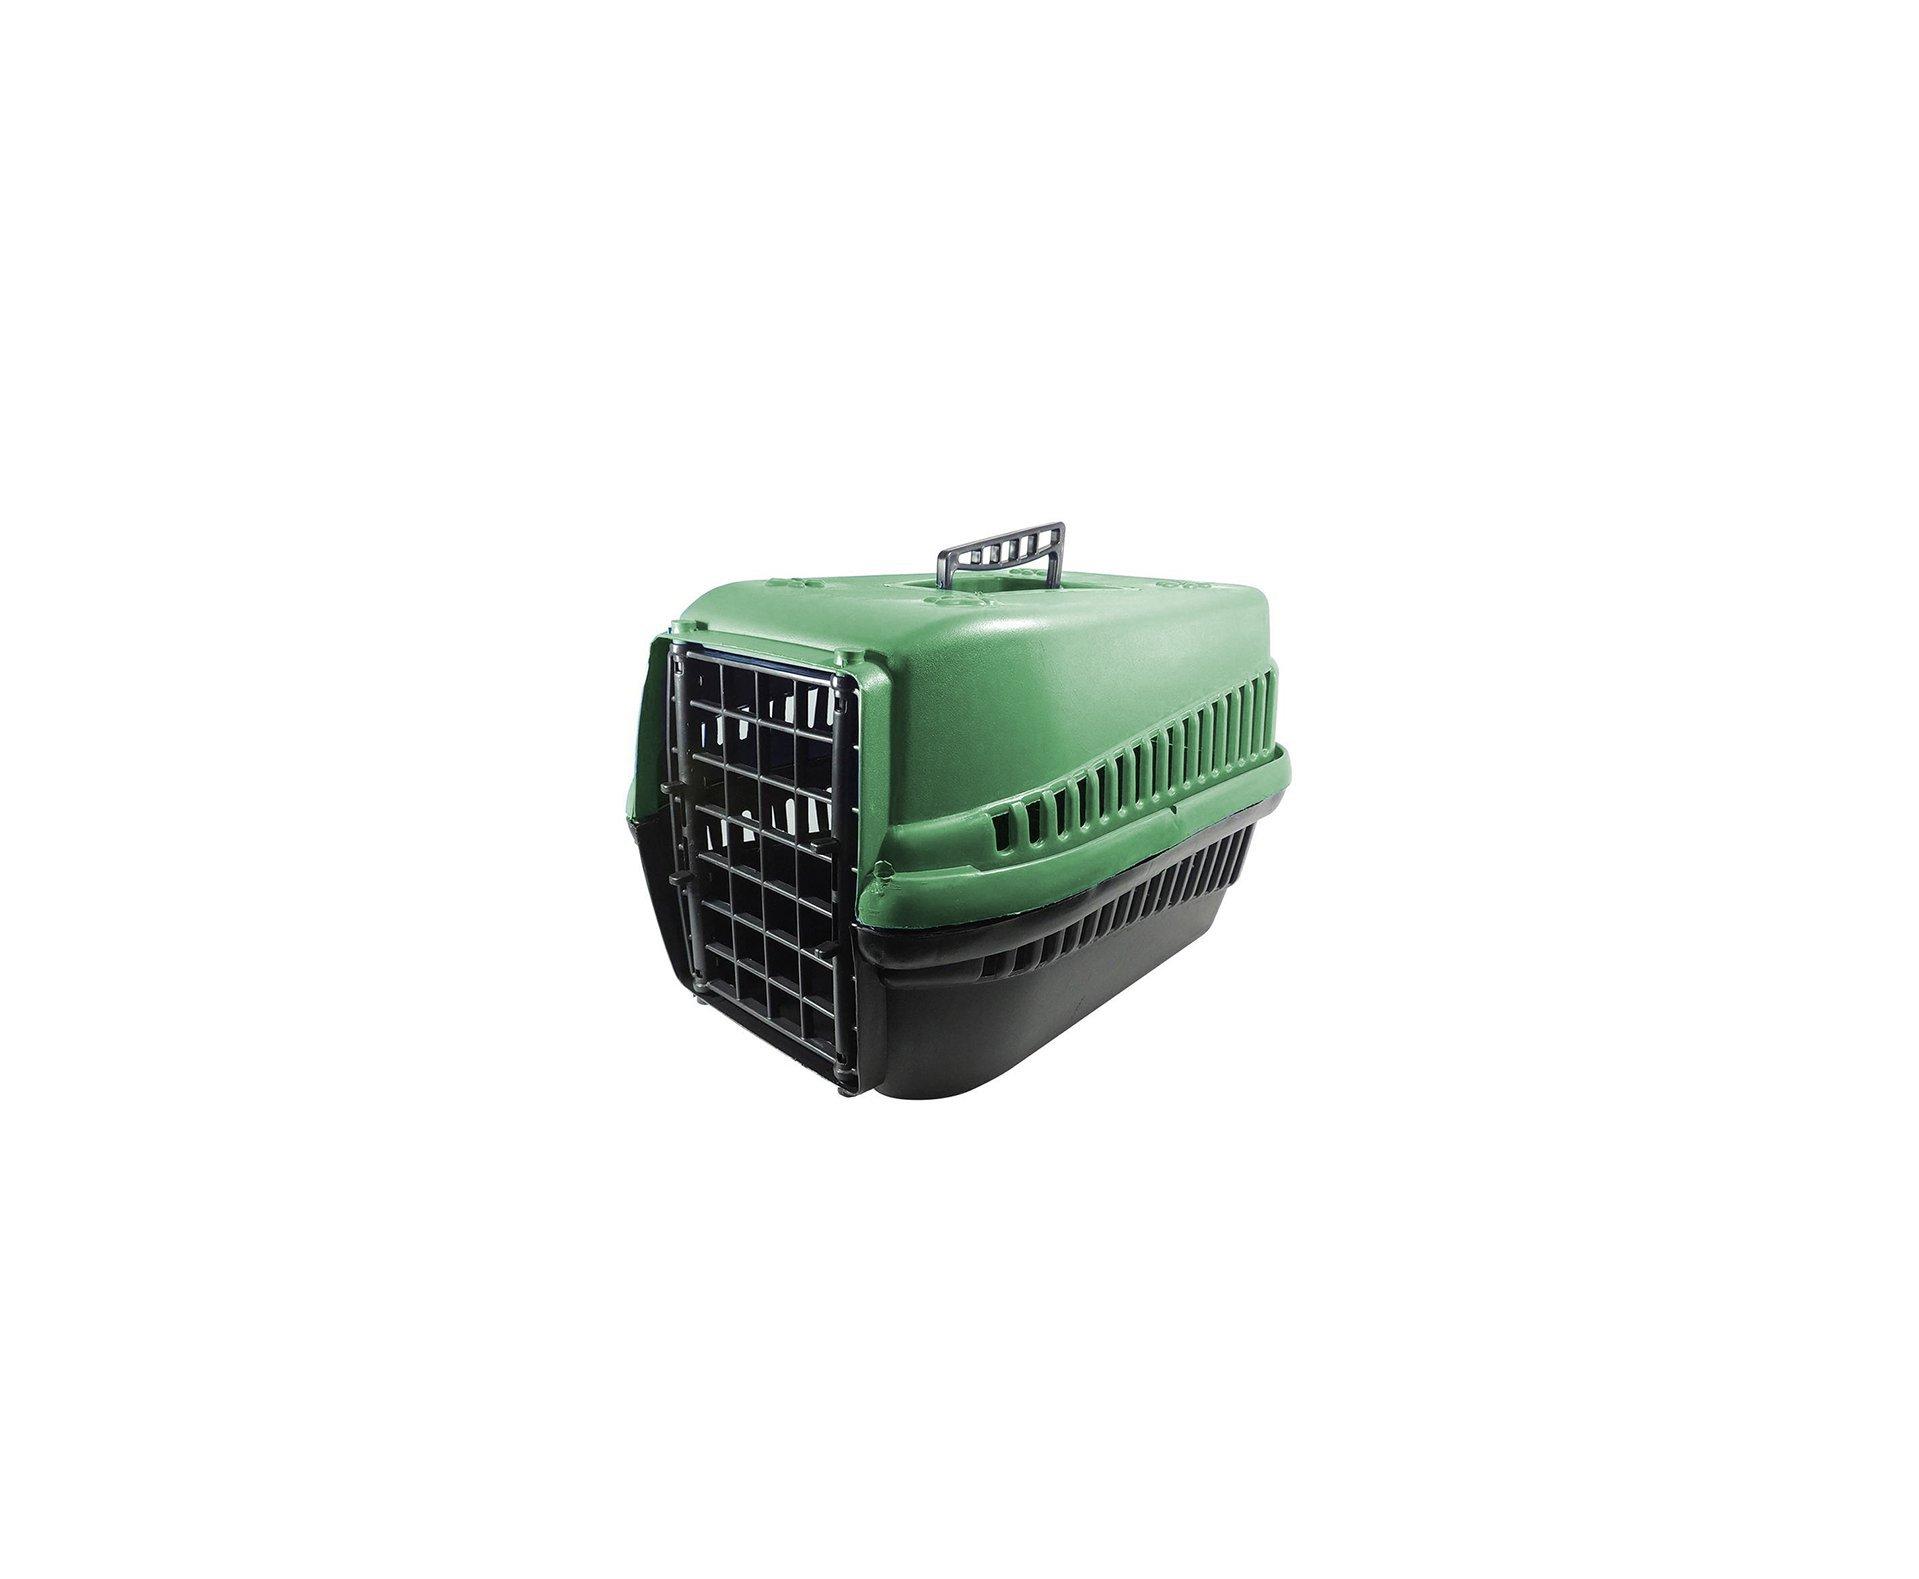 Caixa De Transporte Furacãopet N3 - Verde - Furacão